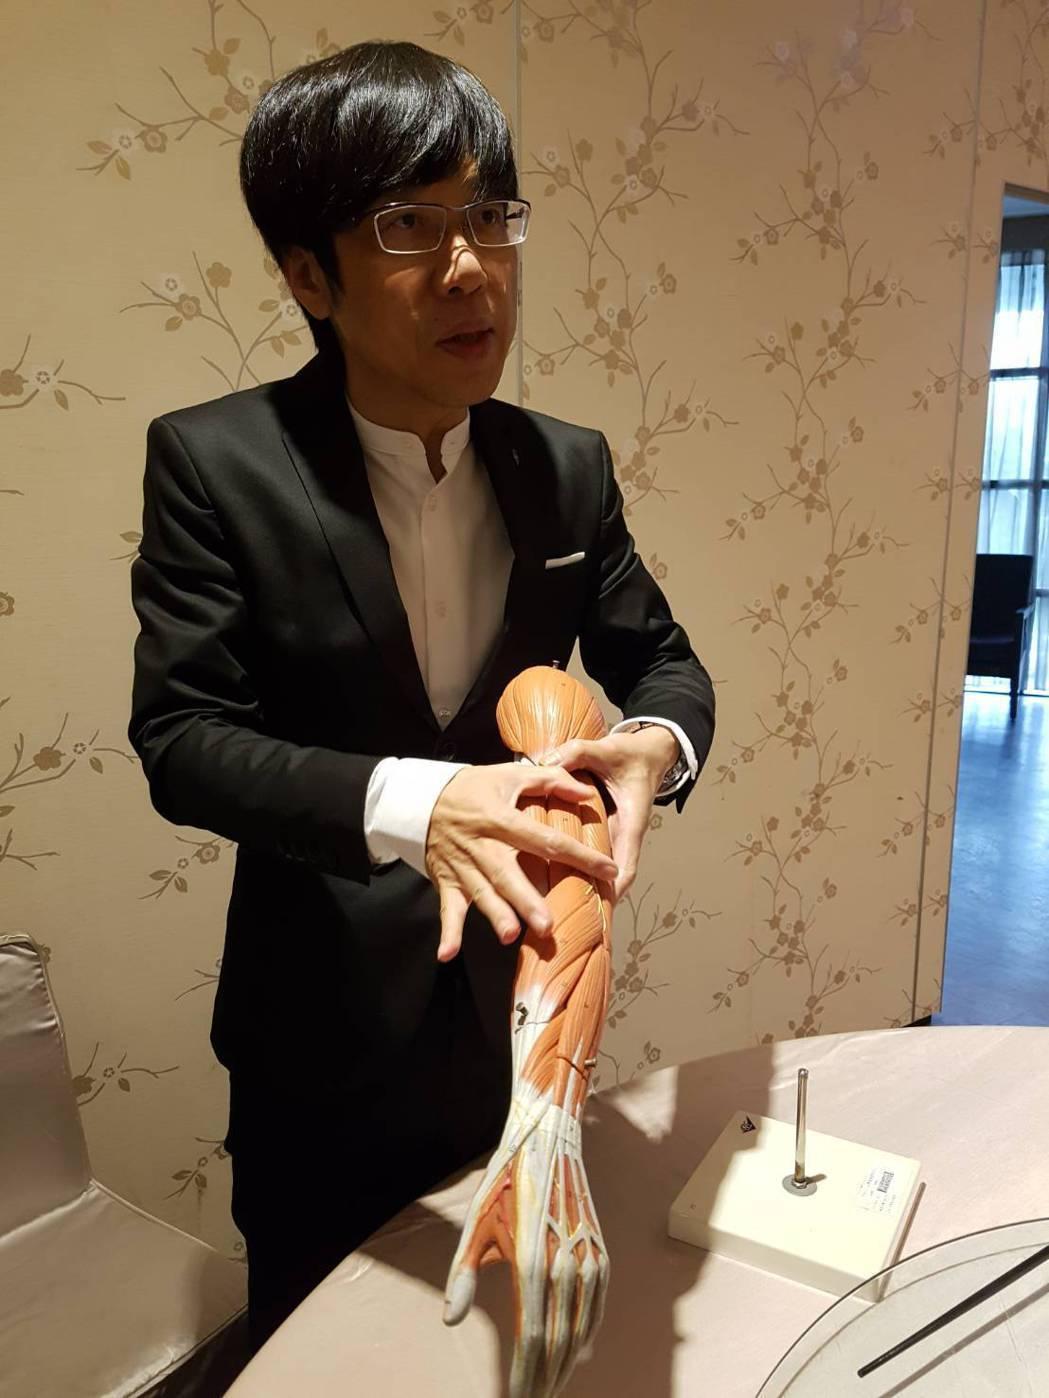 陳建成表示,整晚維持同樣睡姿壓迫到橈神經,可能造成手臂無法上舉。記者楊雅棠/攝影